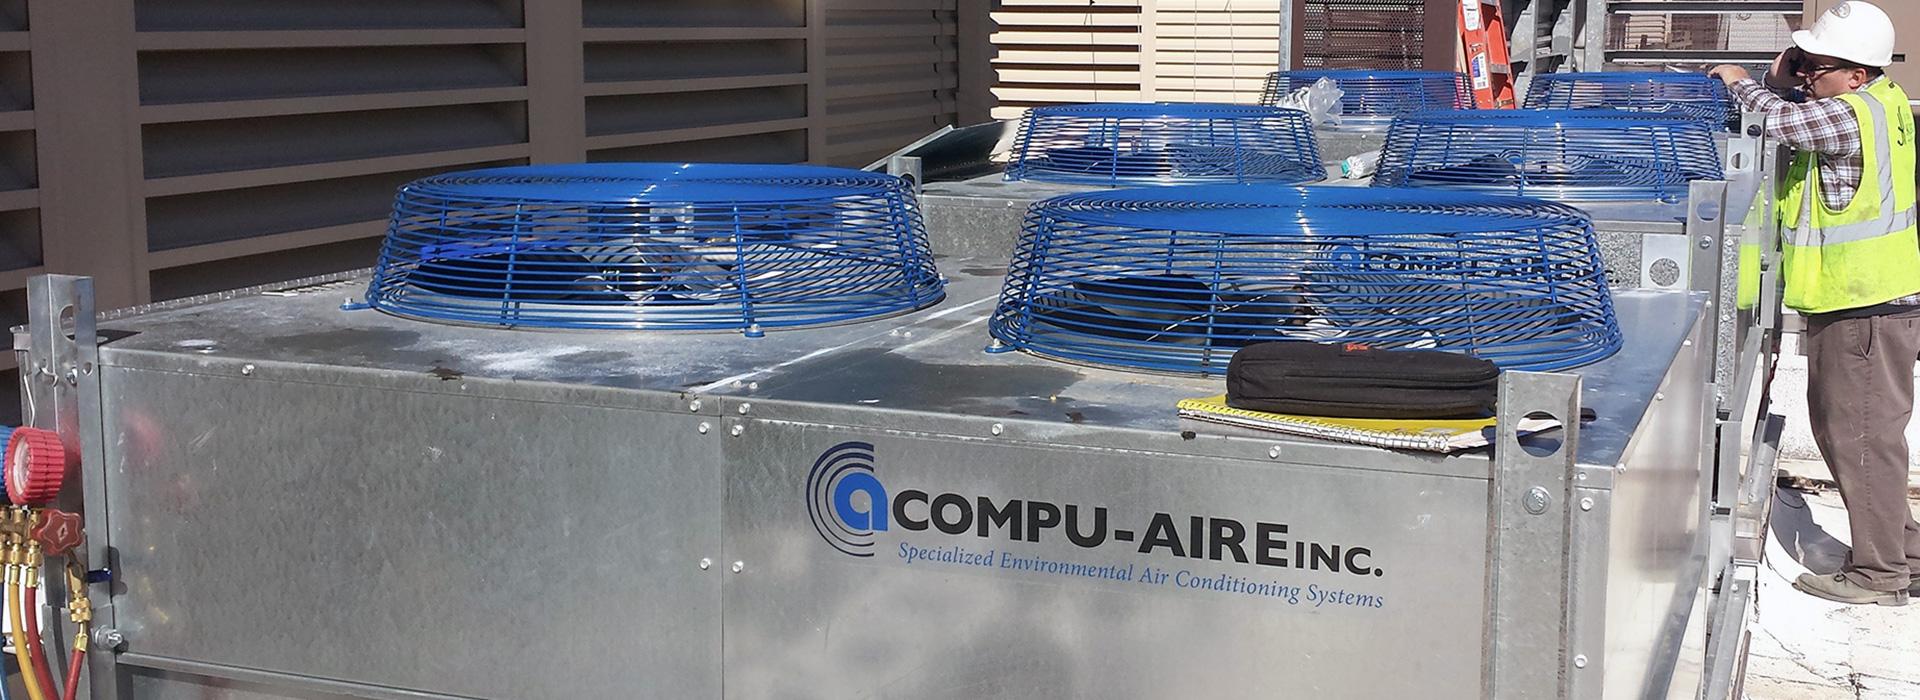 HVAC Equipment, Parts & Accessories